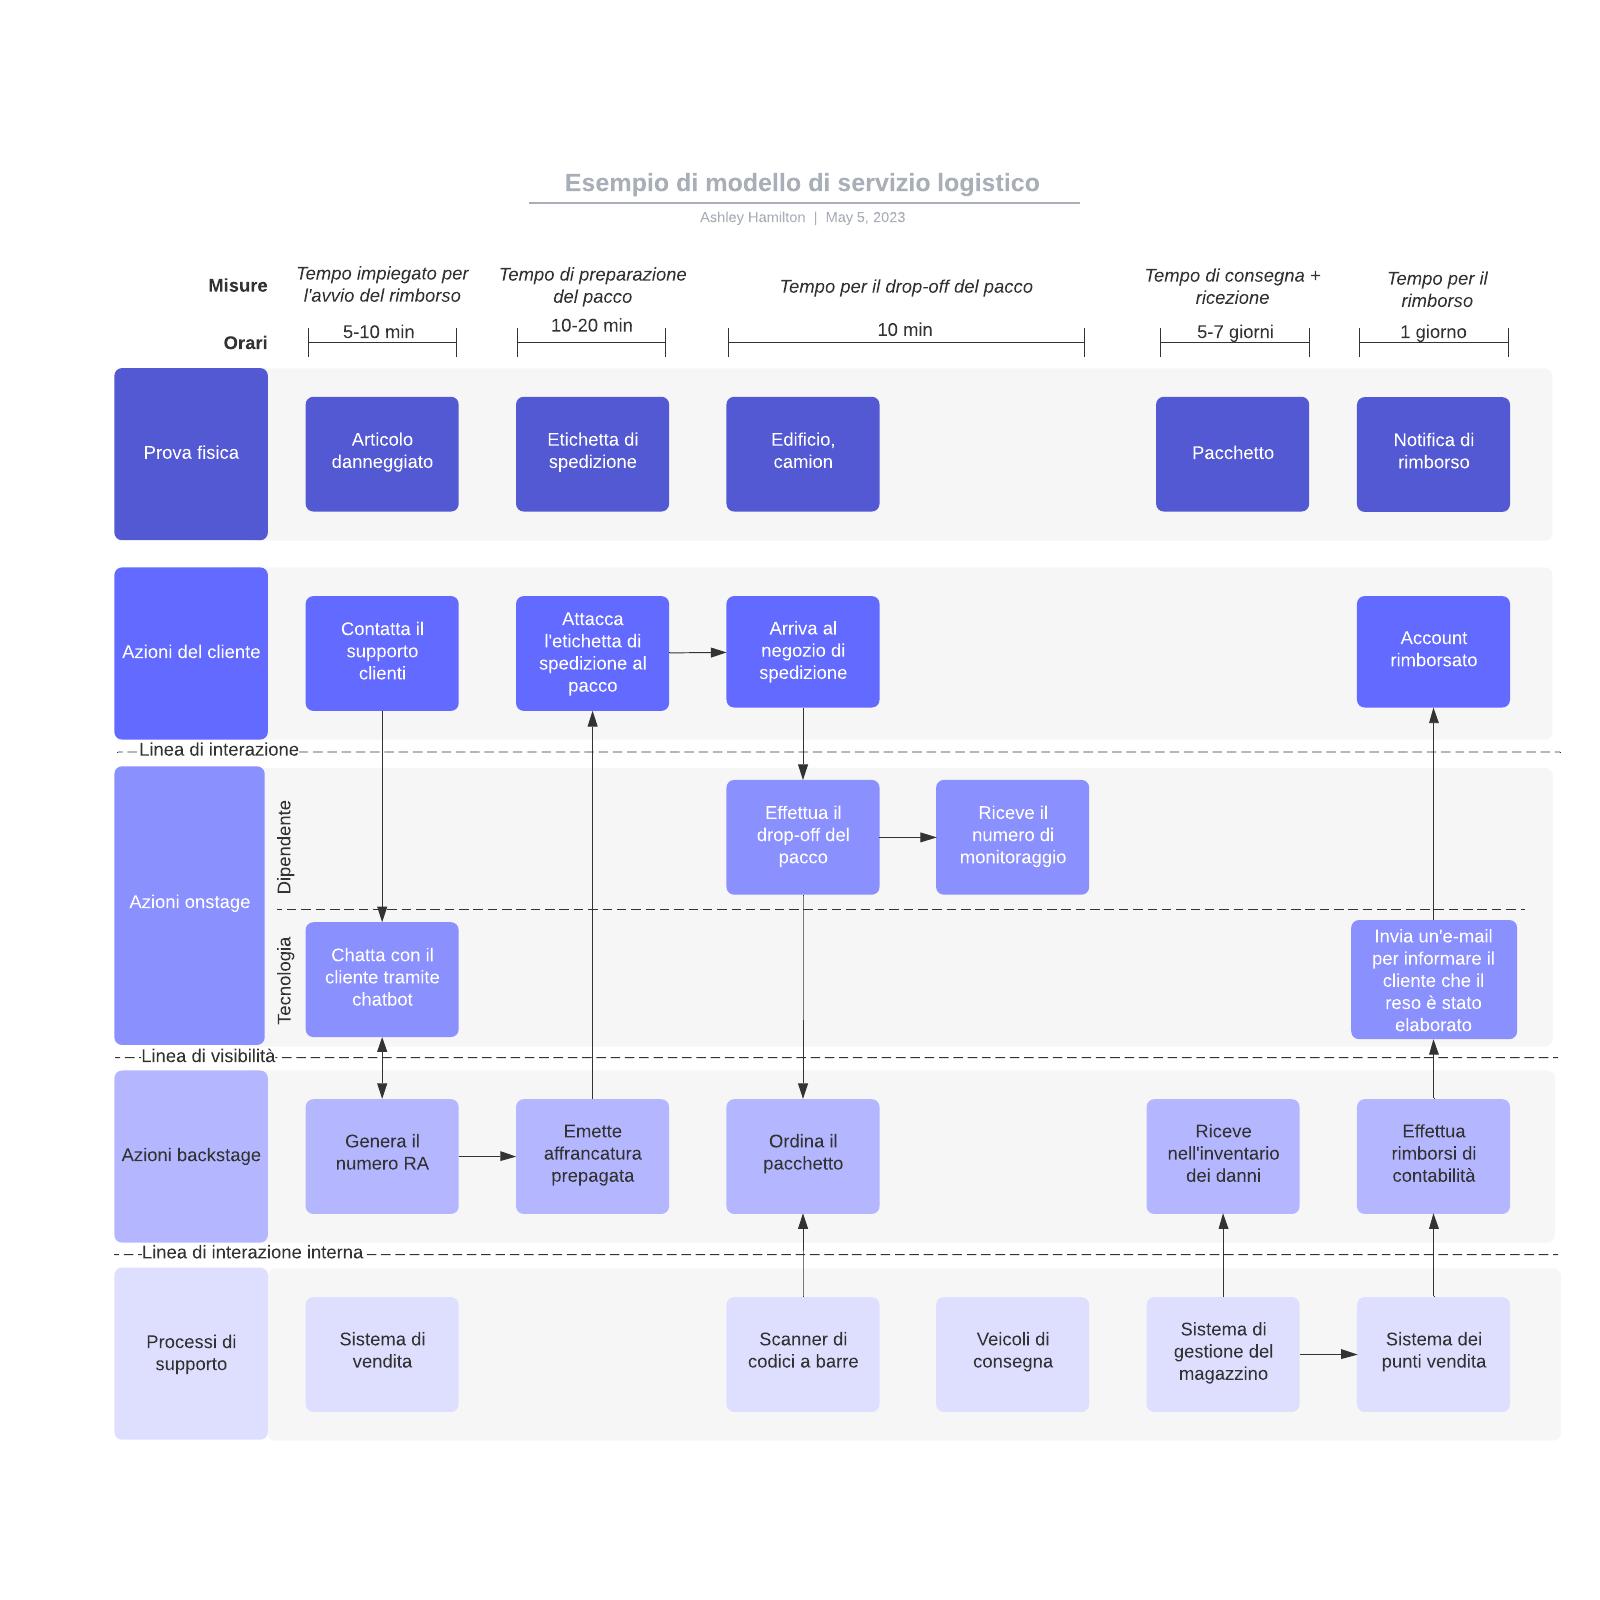 Esempio di modello di servizio logistico